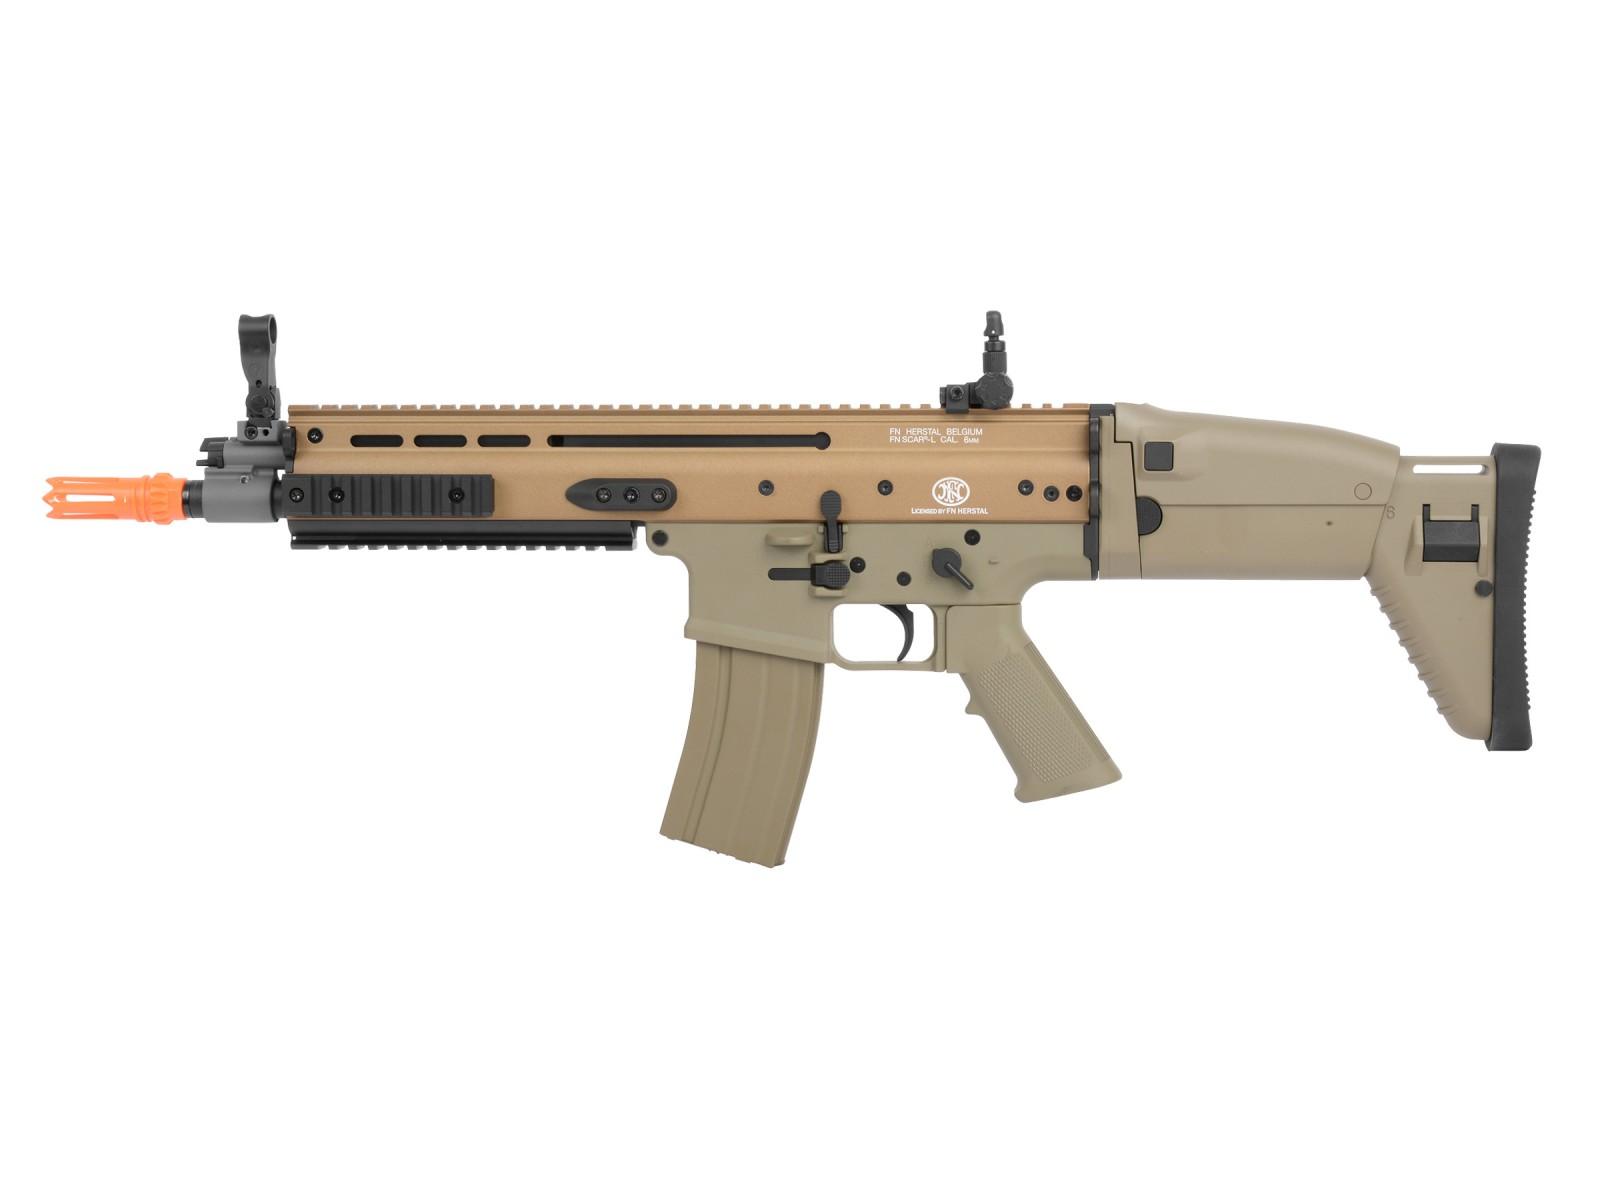 FN SCAR-L Metal AEG Airsoft Rifle, Tan 6mm